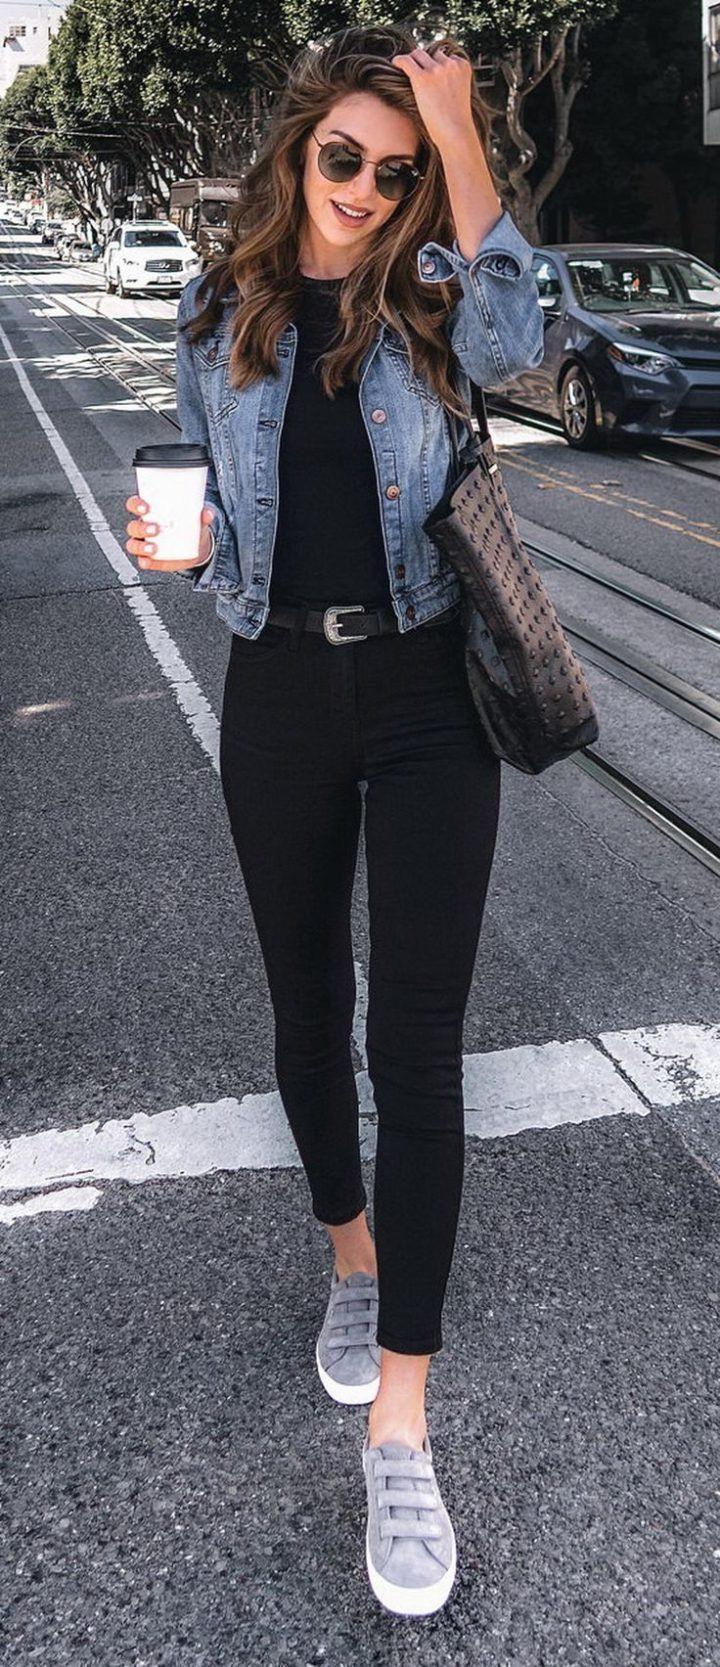 Frauen Kleiden Frühling 2019 – 32 wunderschöne Streetstyle-Outfits zum Schn…